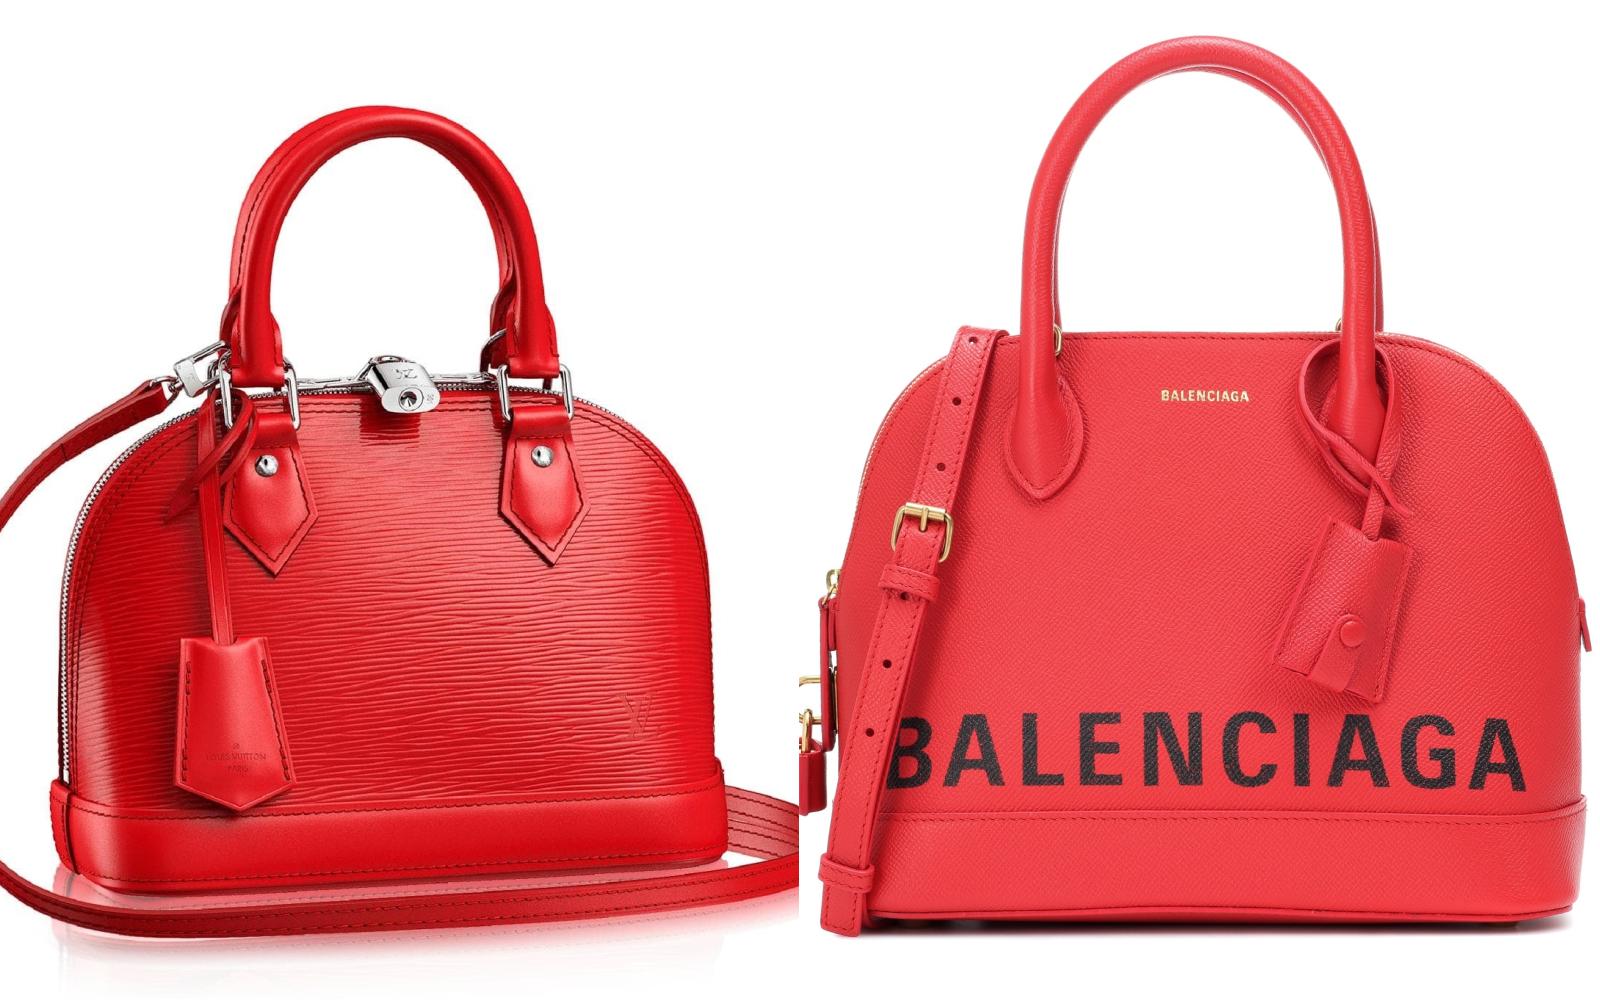 Ups! Balenciaga și Louis Vuitton, două branduri celebre, un model de geantă similar